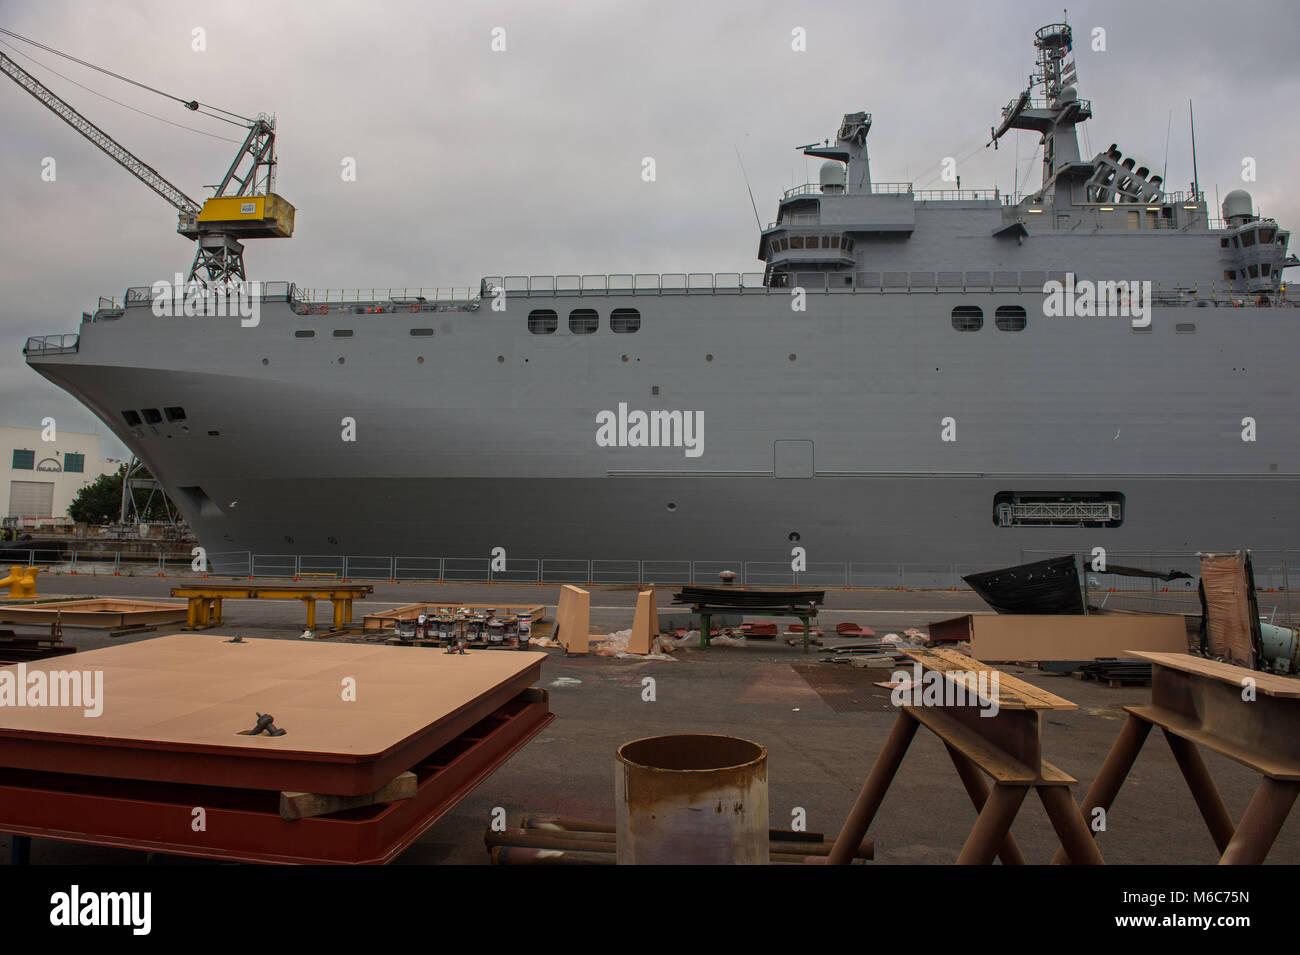 """Saint Nazaire, """"vladivostock"""" russischen Flugzeugträger der STX Werften gebaut. Frankreich. Stockbild"""